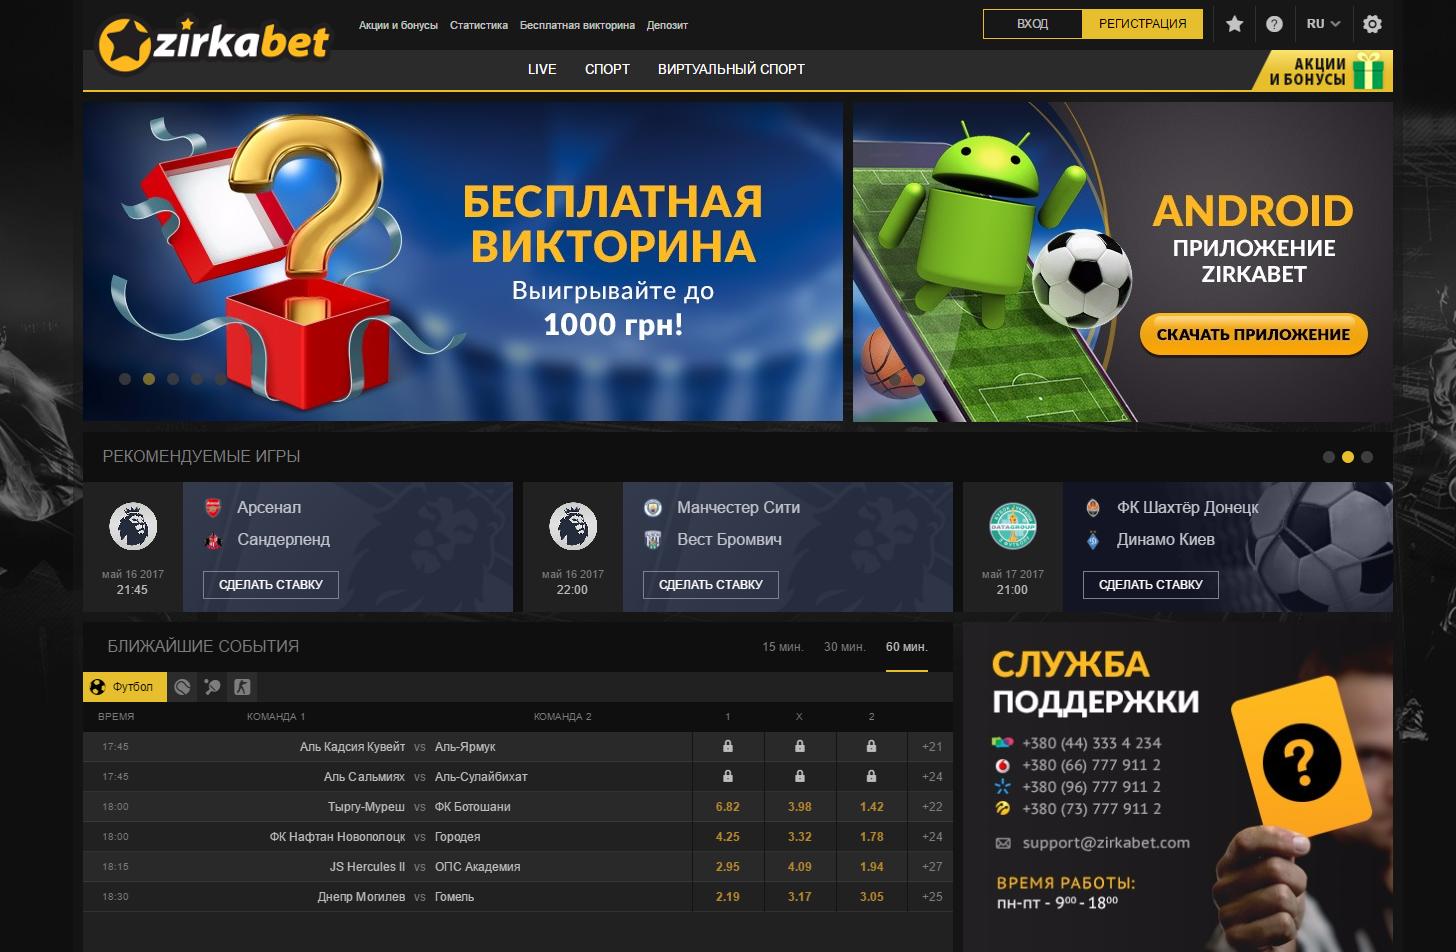 букмекерская контора Zirkabet сайт